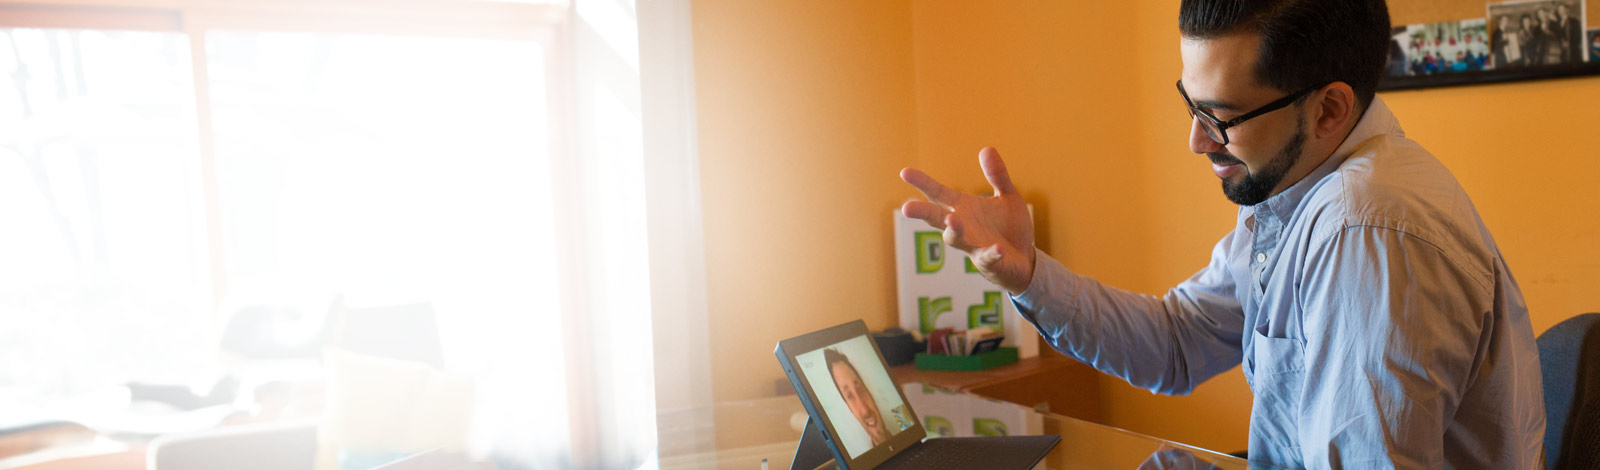 Een man achter een bureau die een videovergadering bijwoont via een tablet met Office 365.